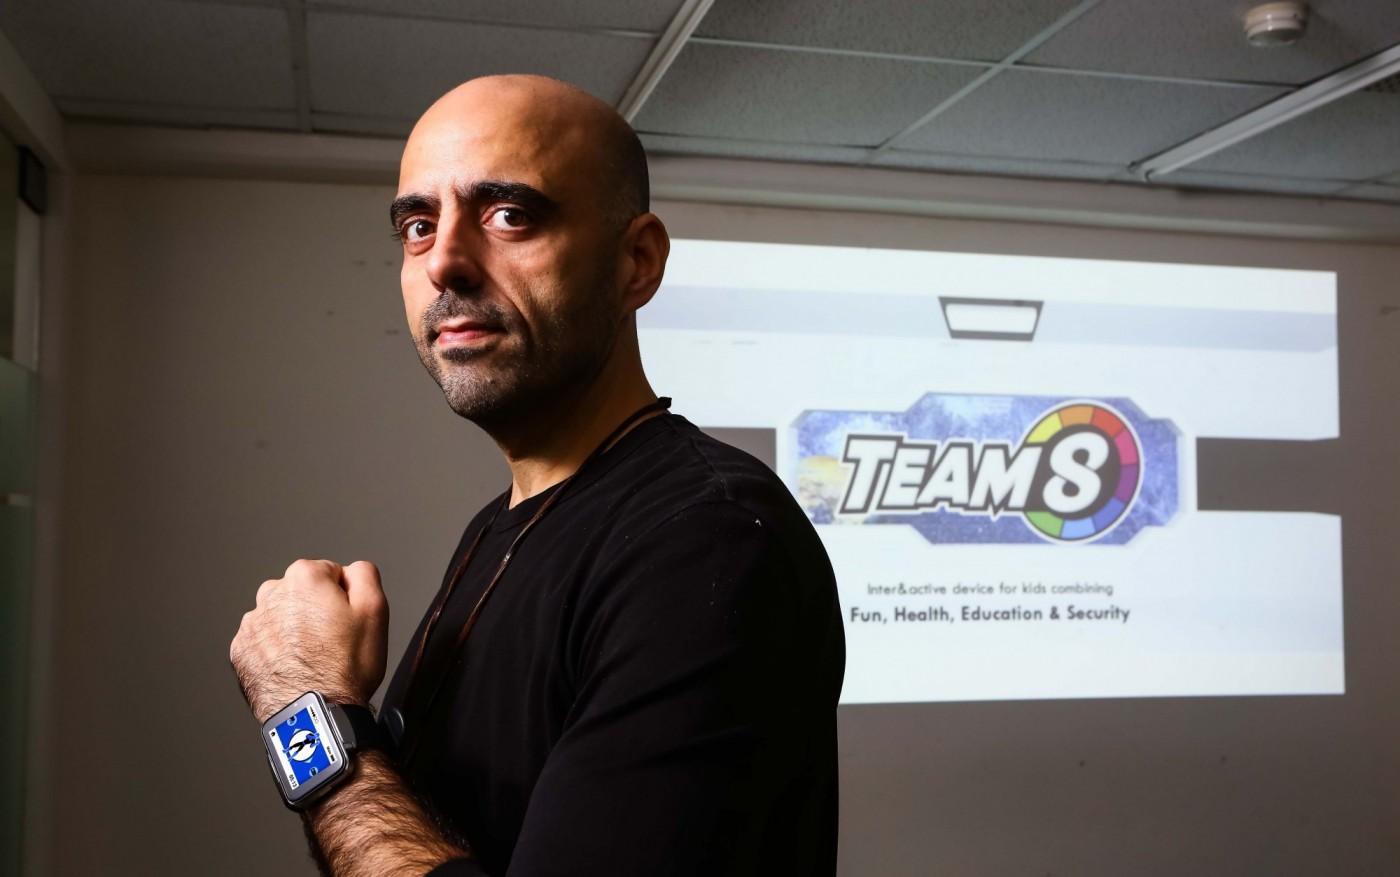 讓孩子擁有超級英雄!Team 8智慧手錶如何終結兒童肥胖及手機成癮?